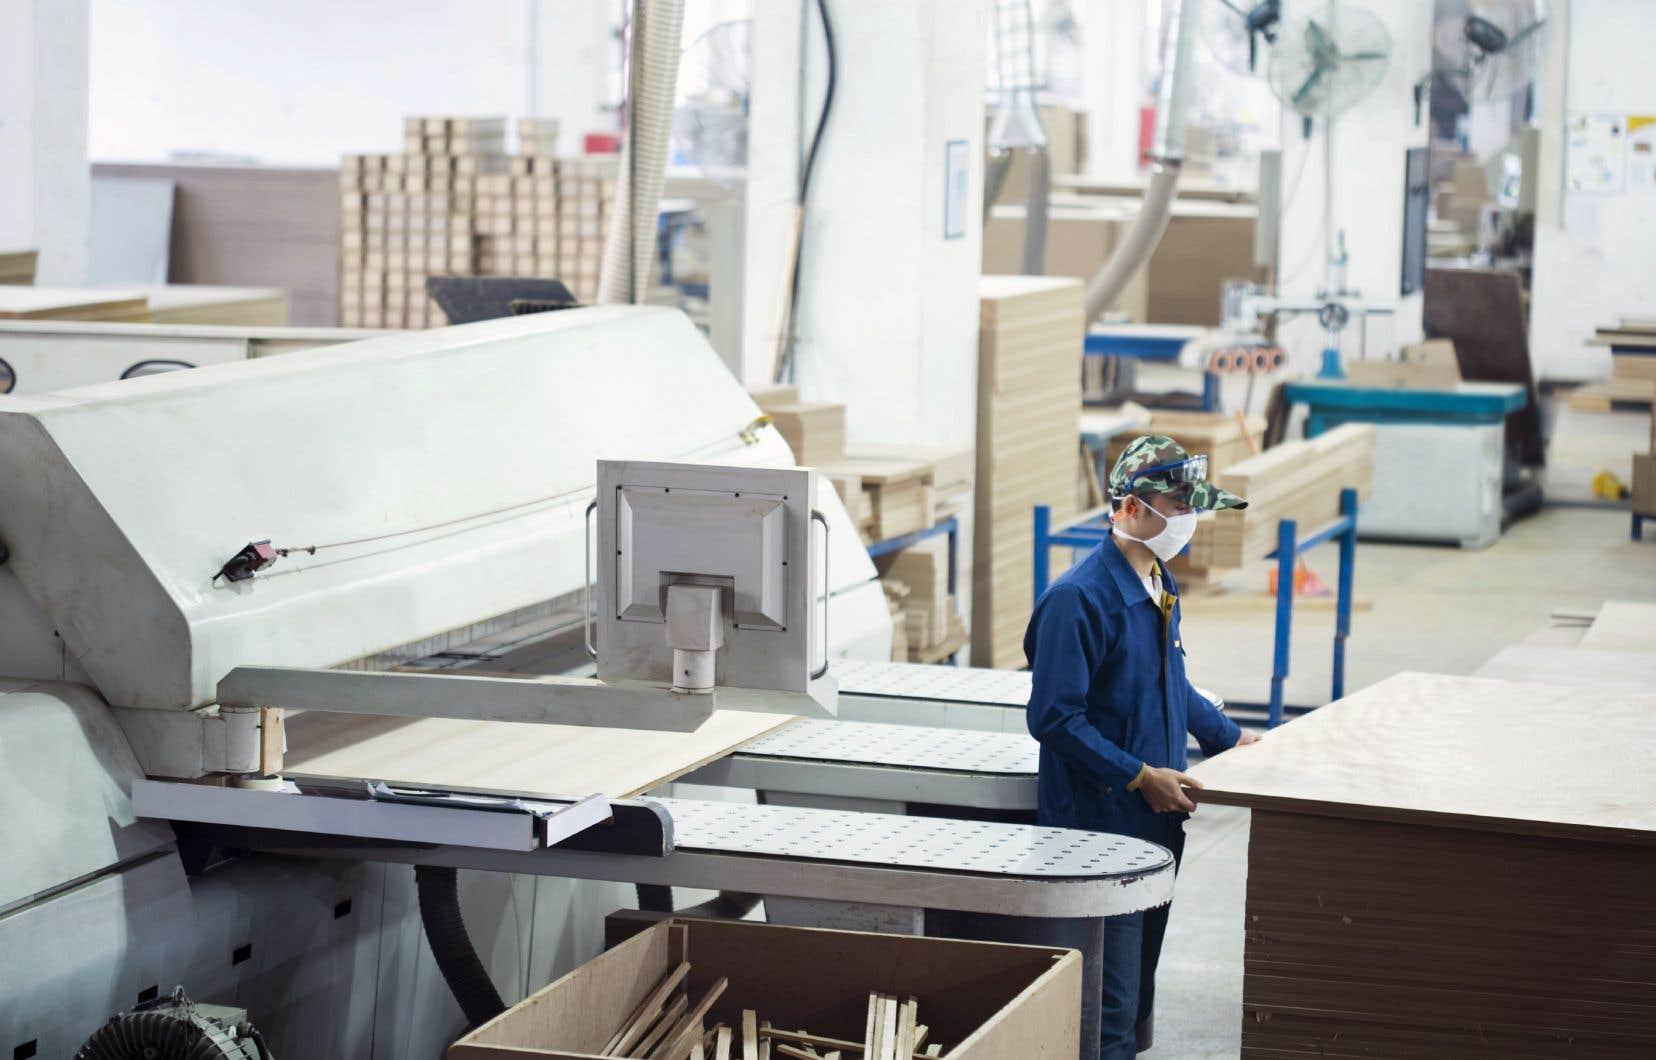 Avec presque 118000 postes vacants, soit l'équivalent de 4,1% de tous les emplois dans ces entreprises, le problème au Québec a atteint un nouveau sommet au 3etrimestre.